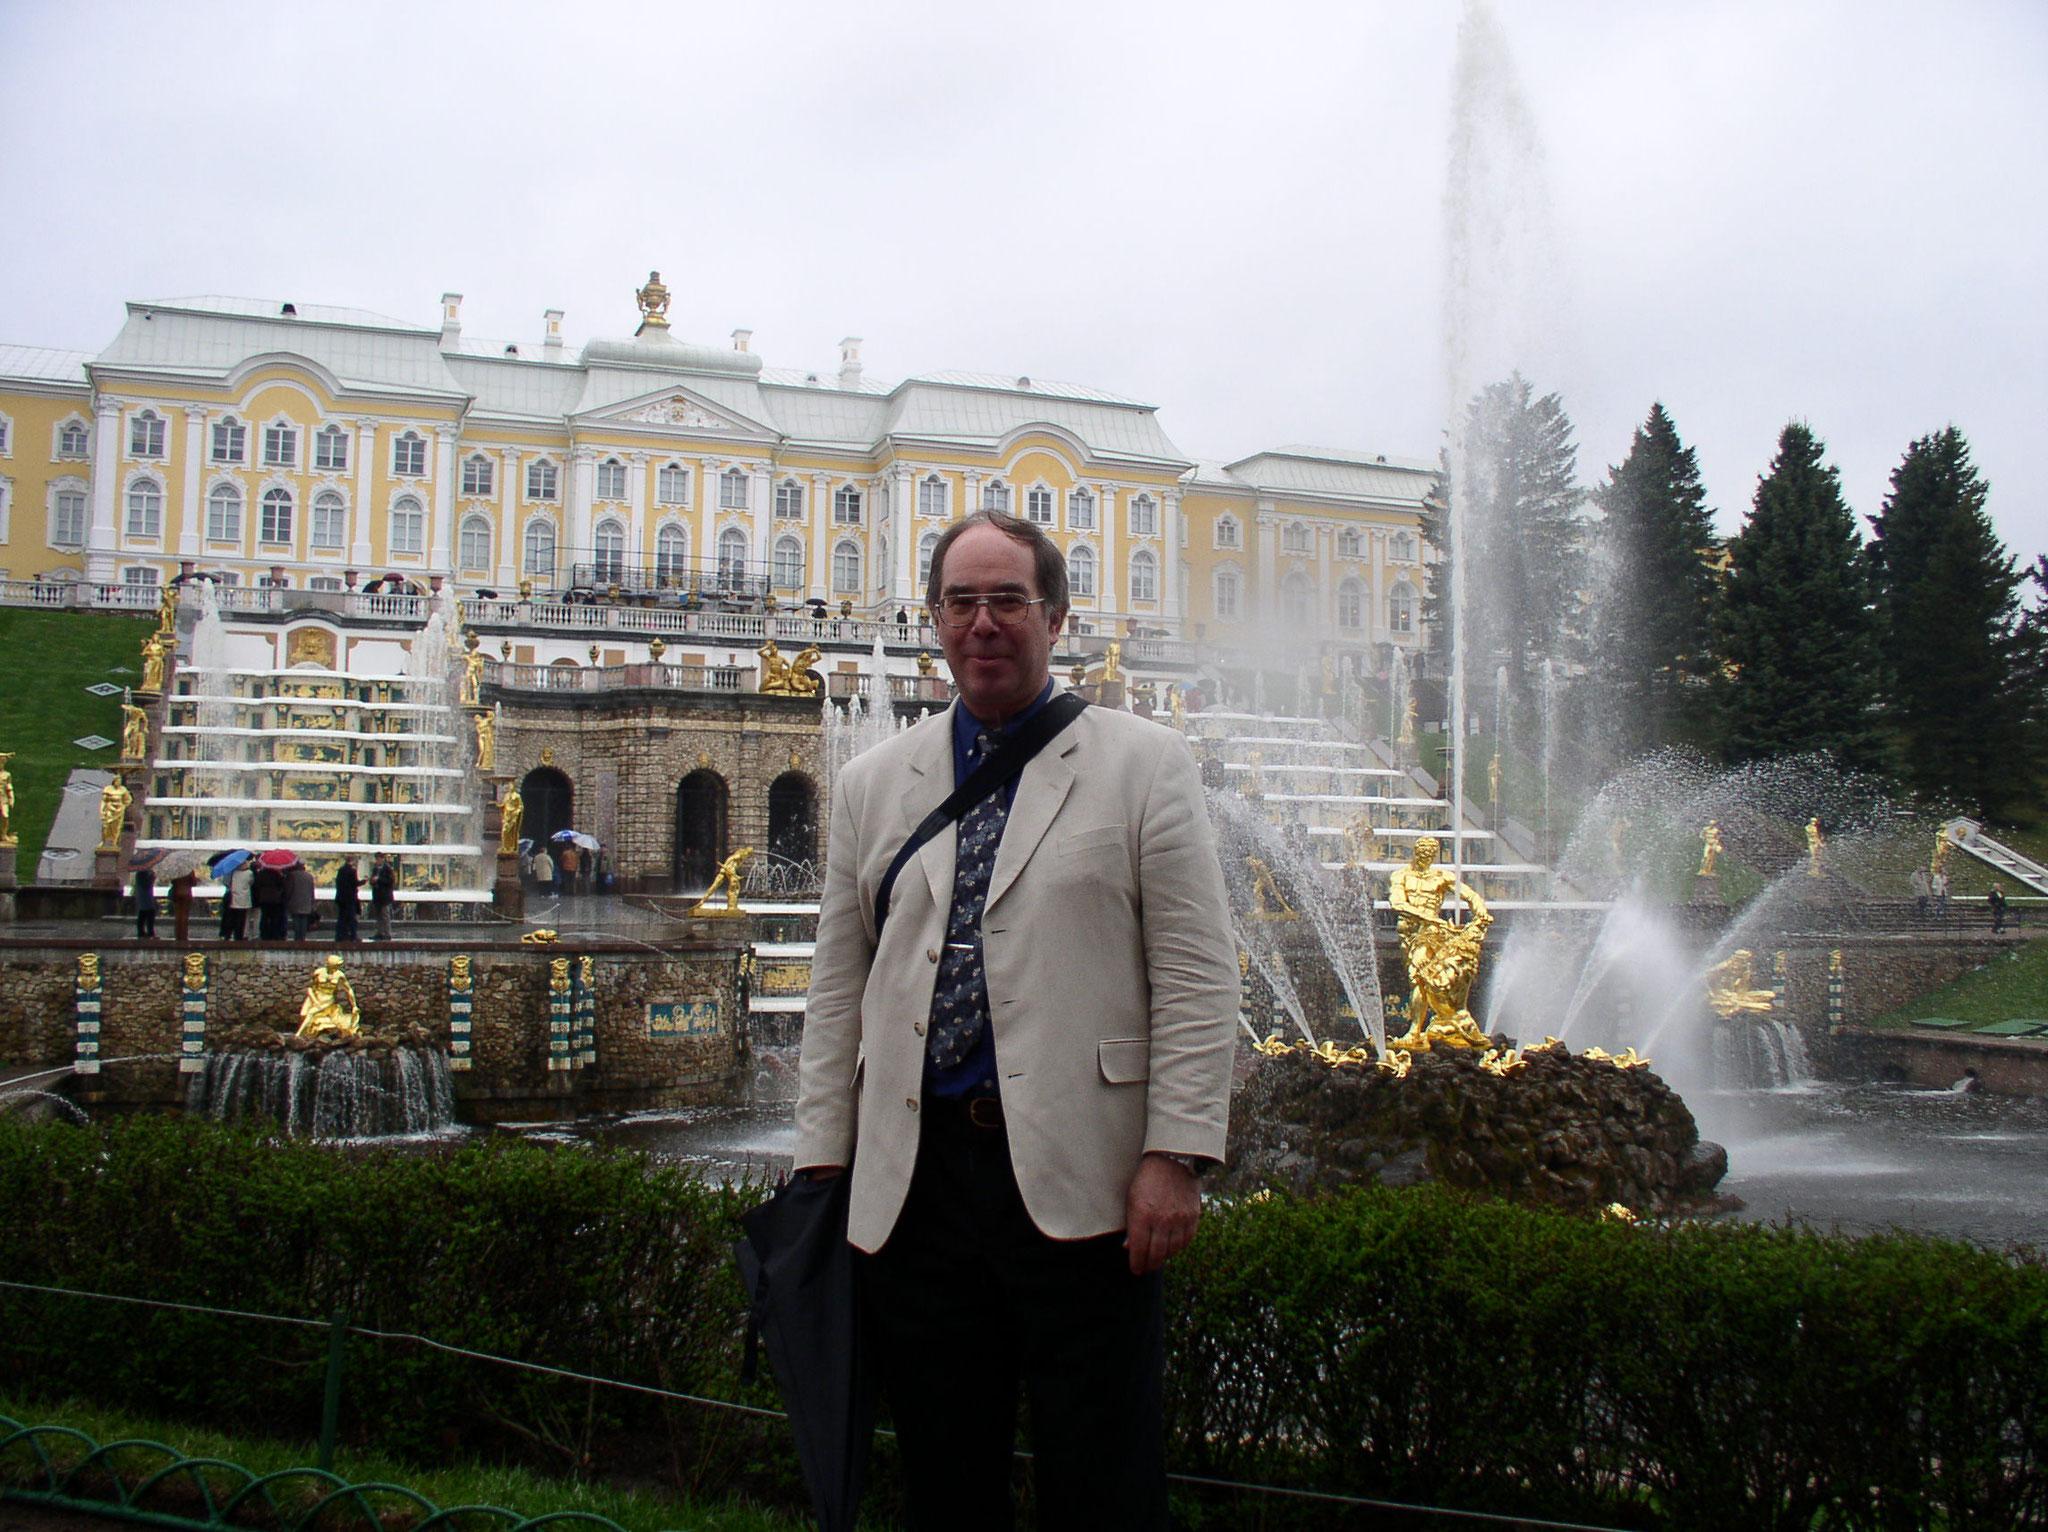 Peterhof 2003